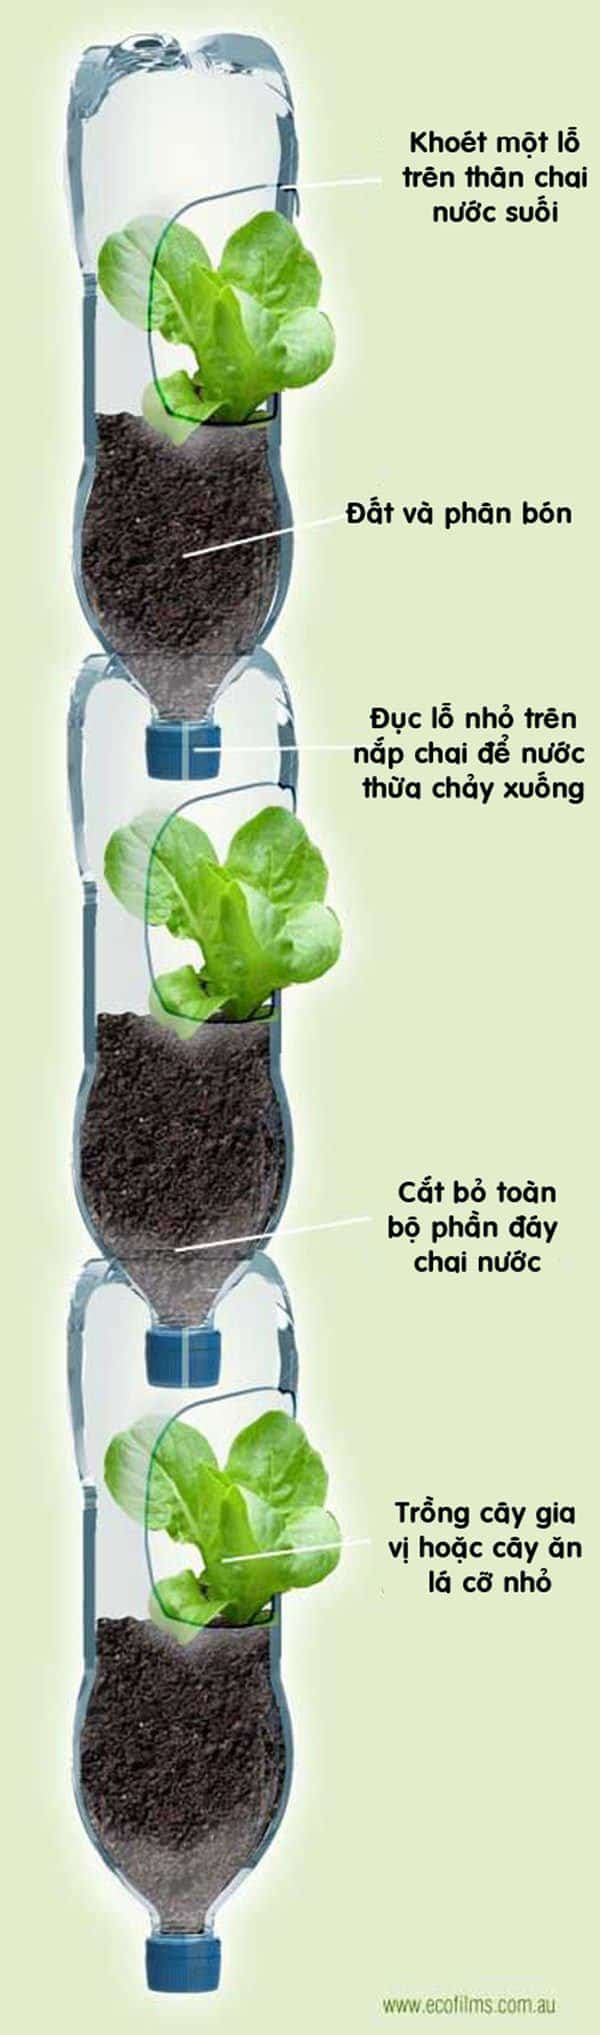 cải tiến cách trồng rau từ chai nhựa